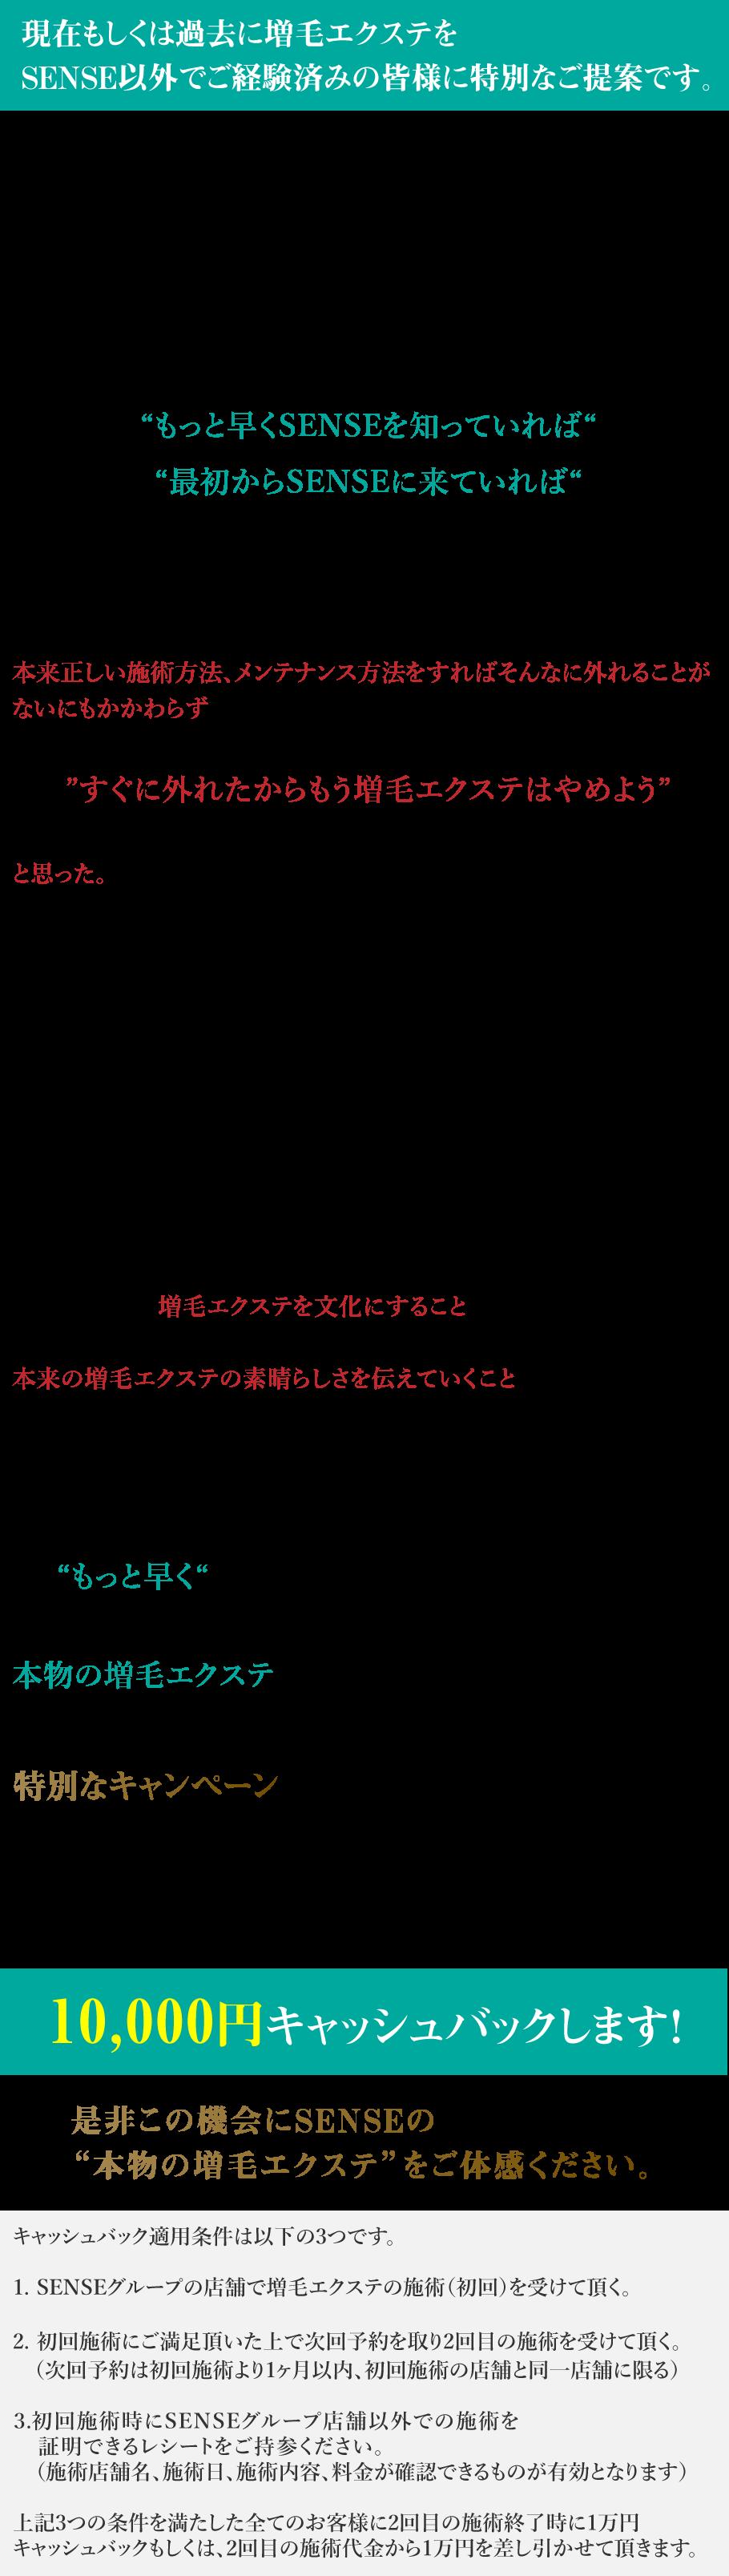 zokusei1